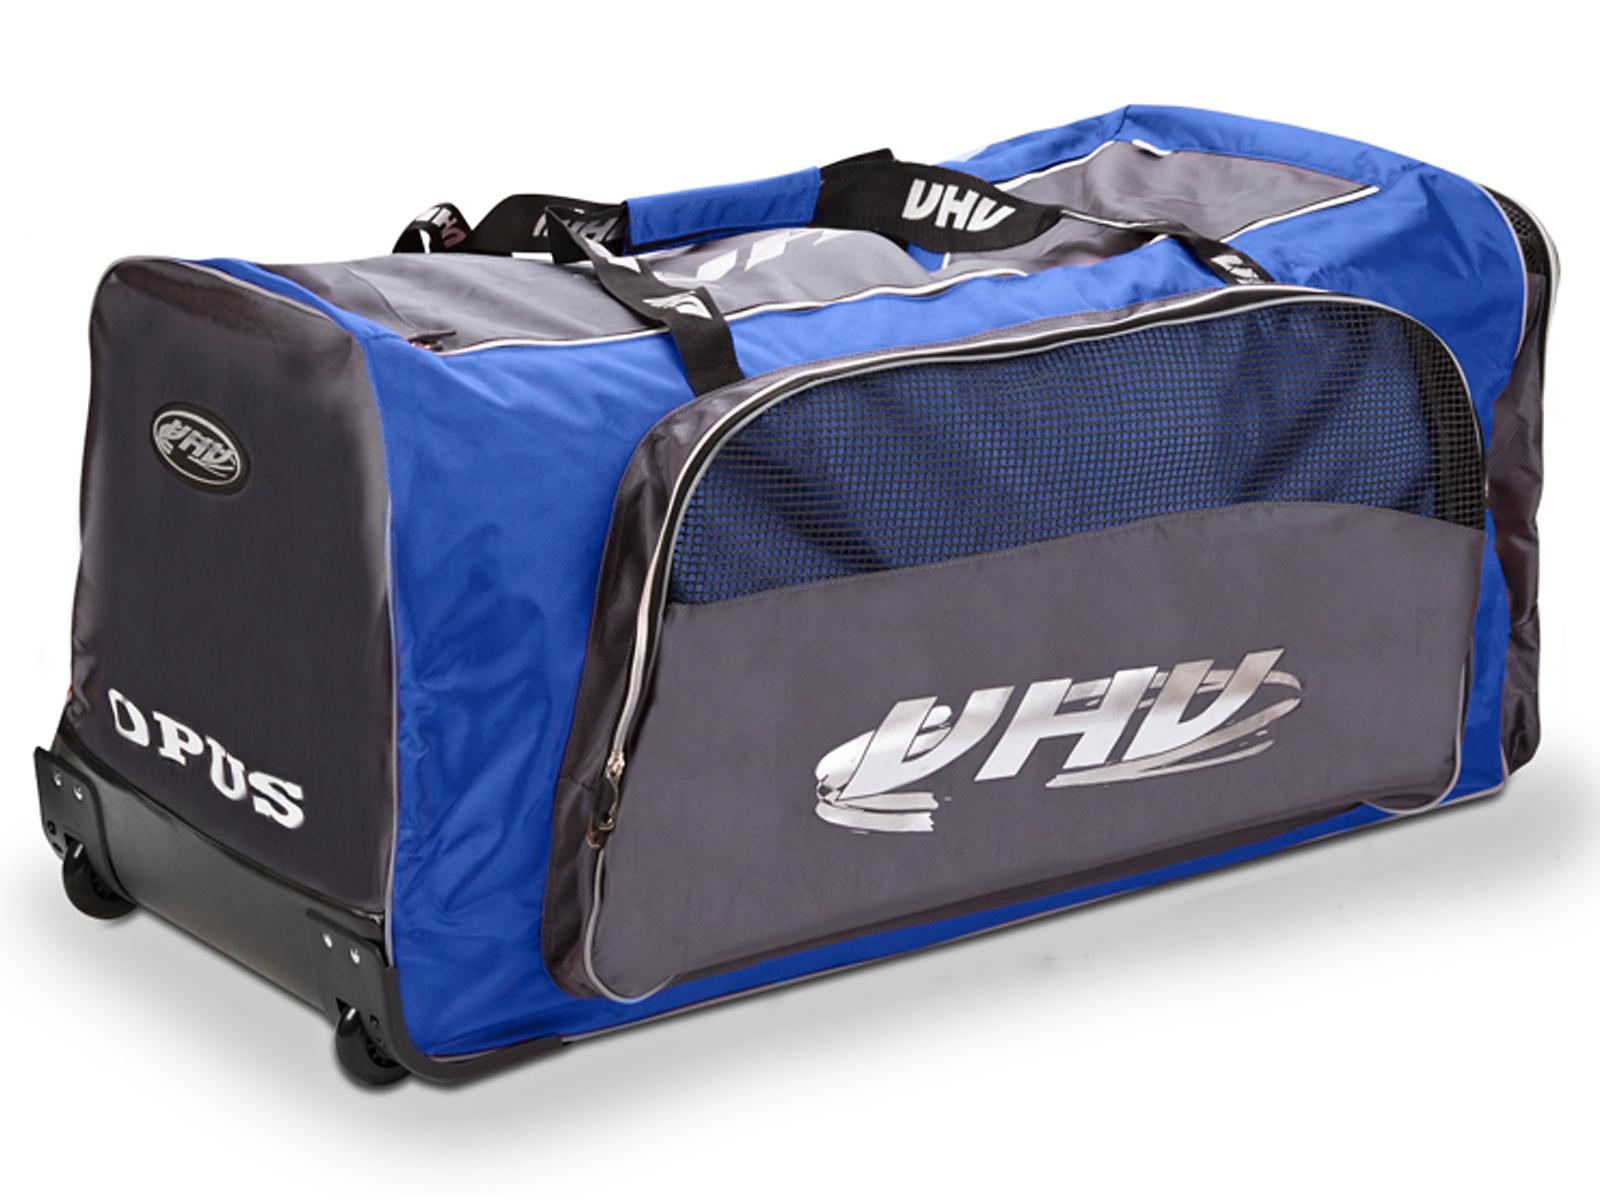 Hokejová taška OPUS 4088 na kolečkách junior modro-šedá